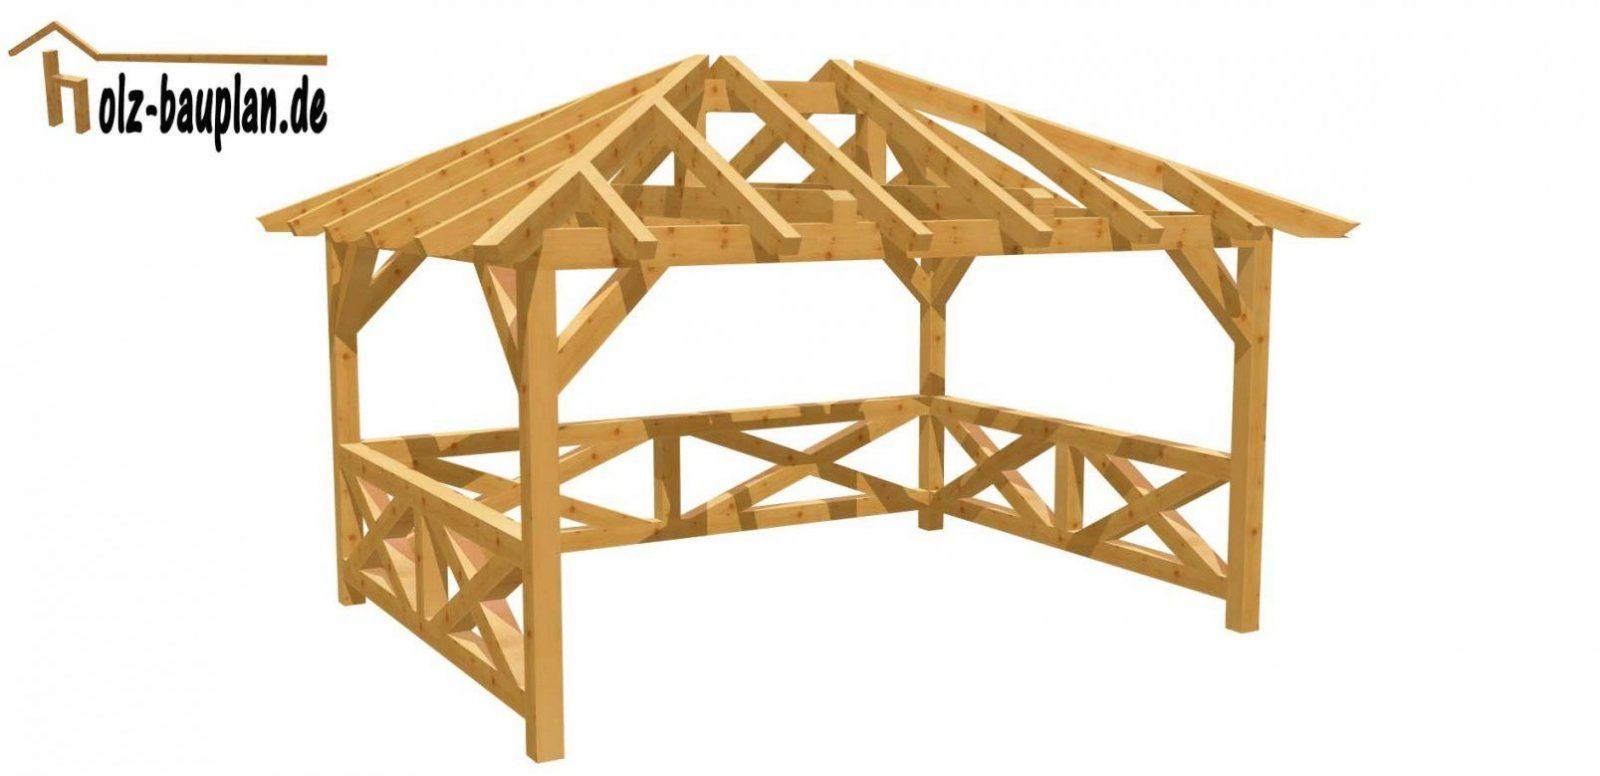 Pavillon Einfach Selber Bauen  Youtube von Gartenpavillon Aus Holz Selber Bauen Bild